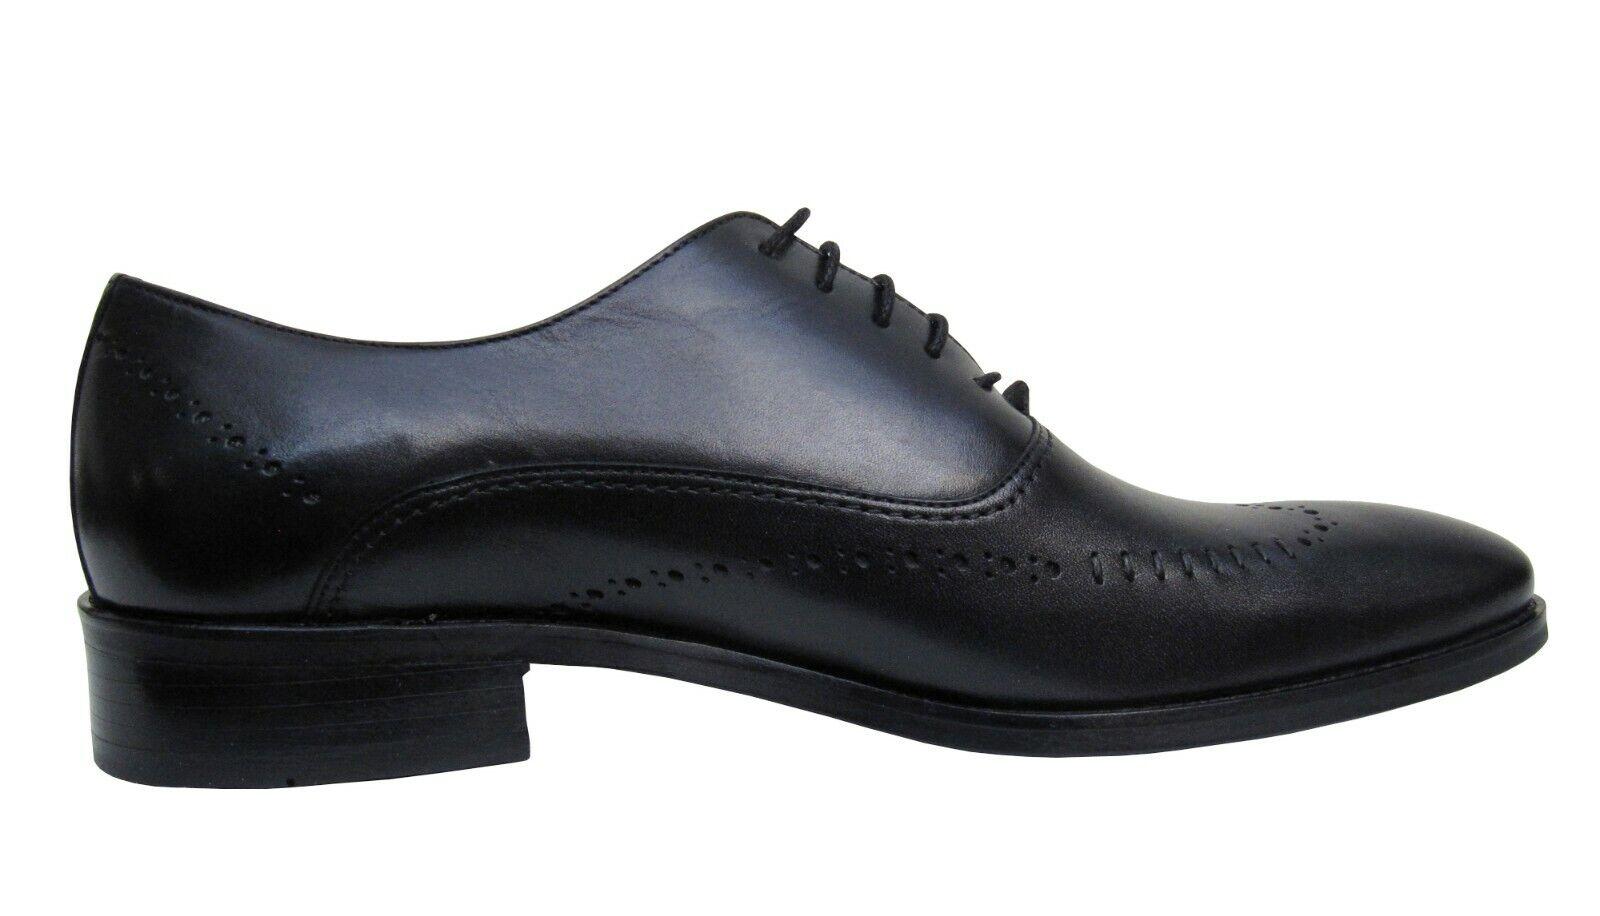 Herren Schuhe Echt leder Gr.39 Schwarz Schwarz Schwarz  18db00